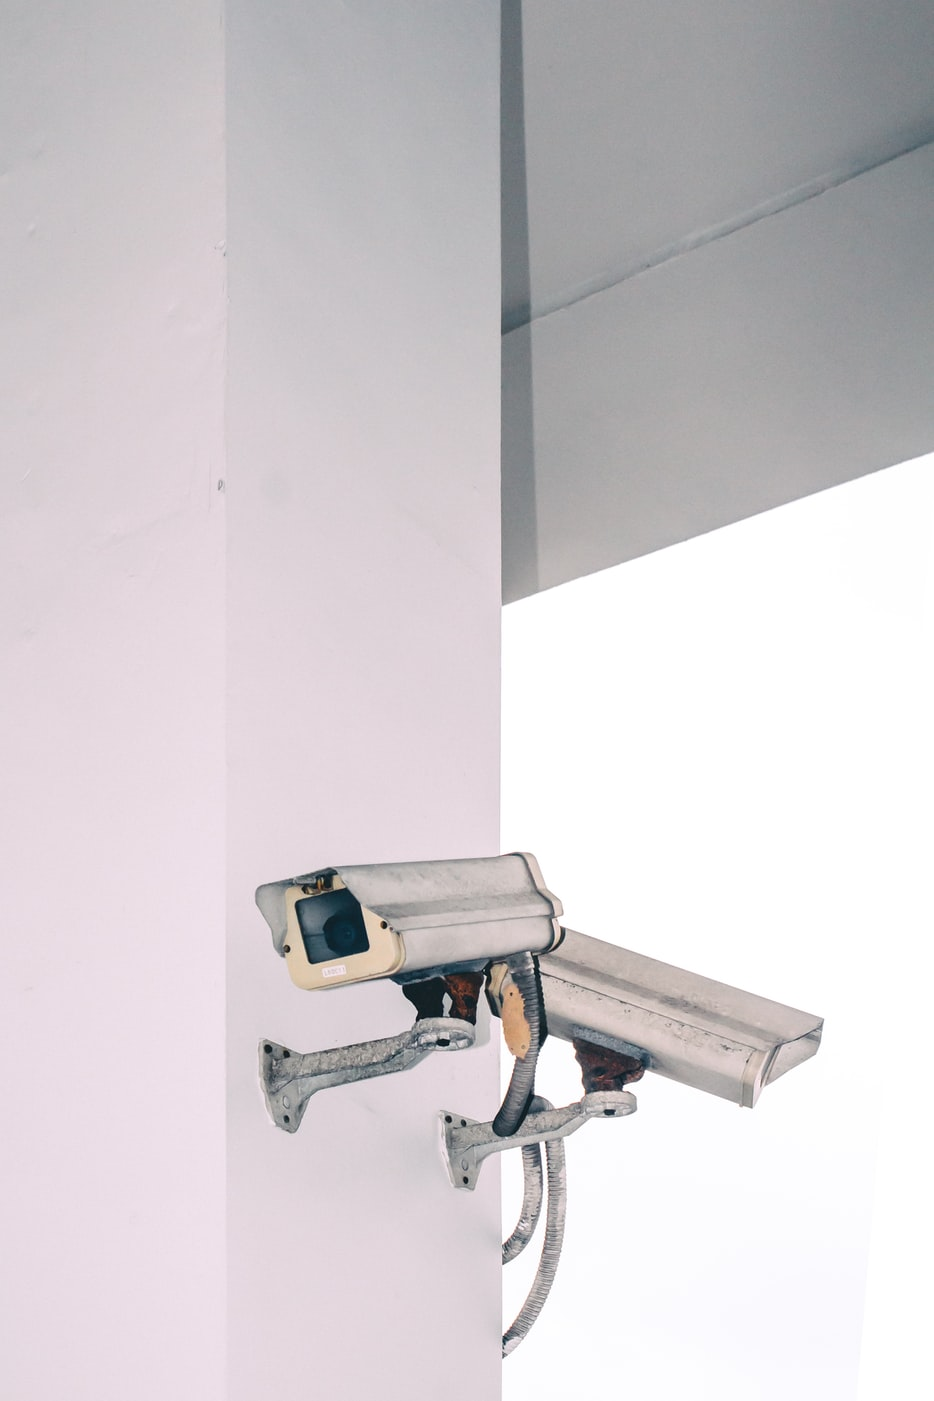 proteggere-fonti-di-reddito-integrità-prodotto